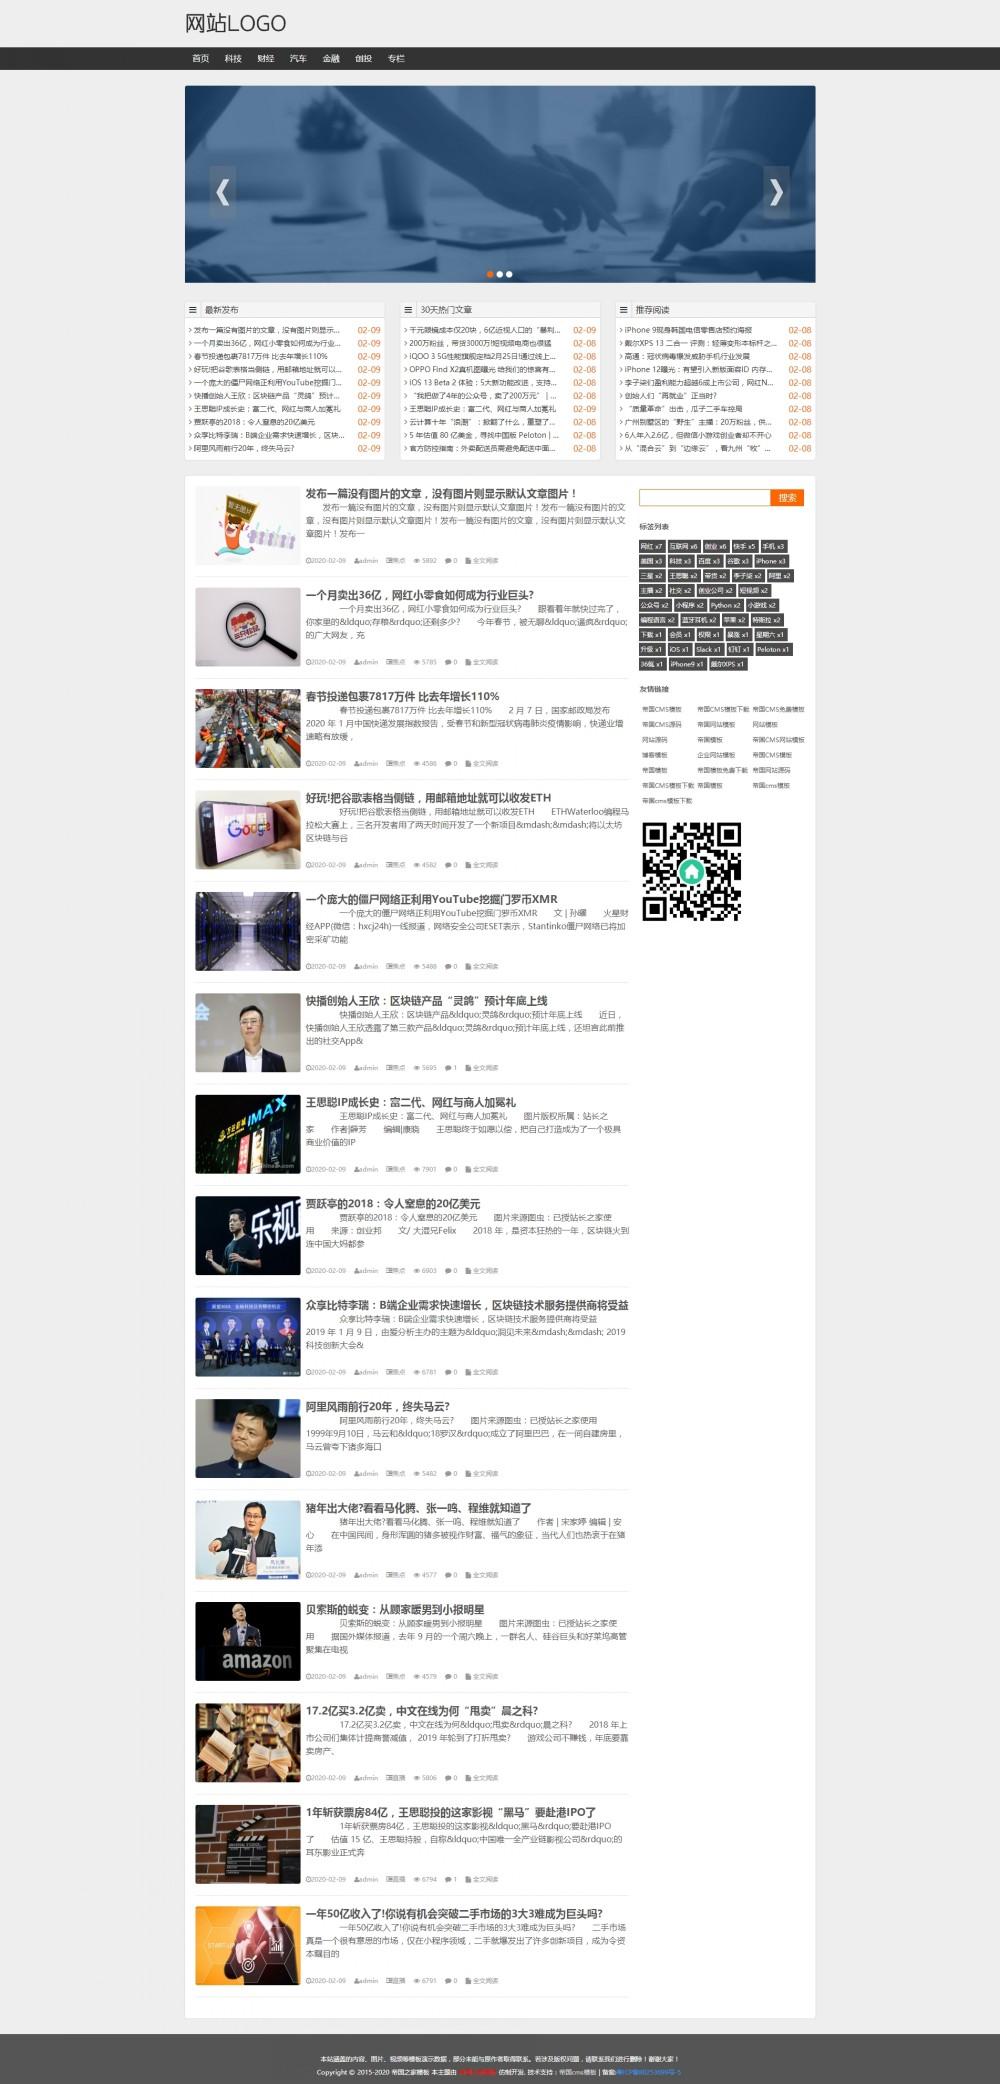 [DG-0243]自适应新闻资讯帝国cms模板 响应式科技资讯文章模板下载 新闻资讯 第1张